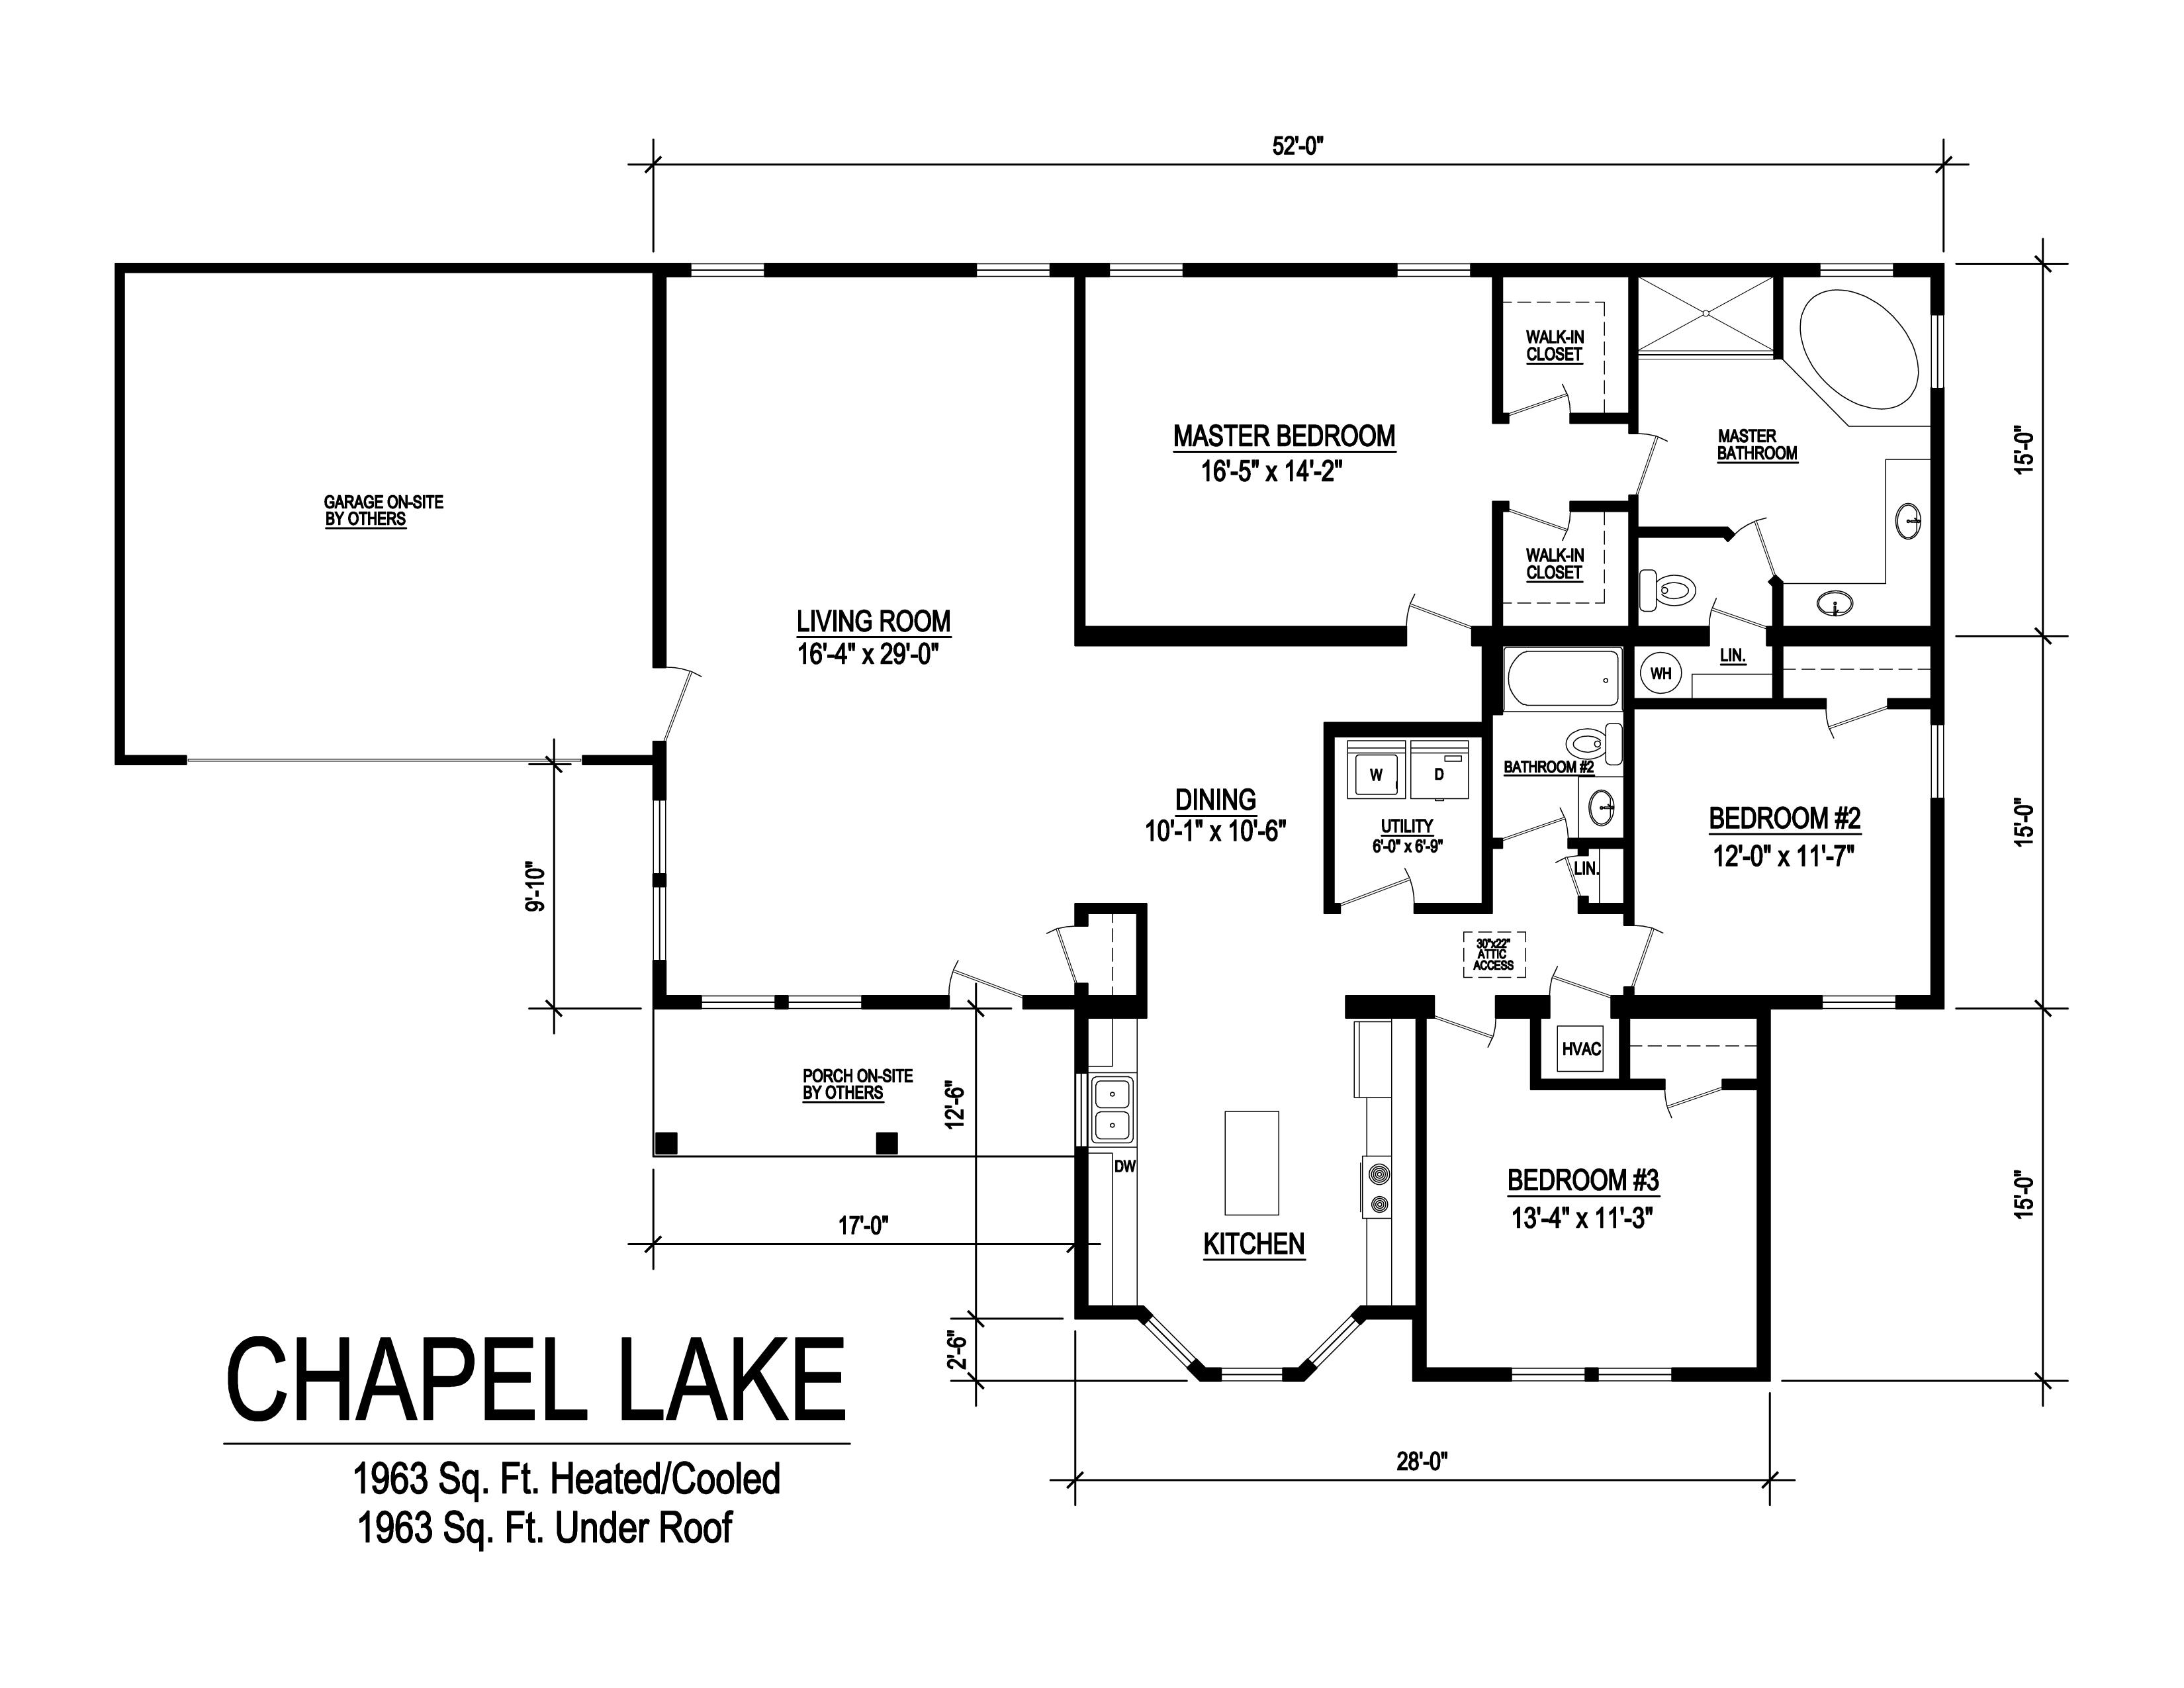 Chapel lake modular home floorplan